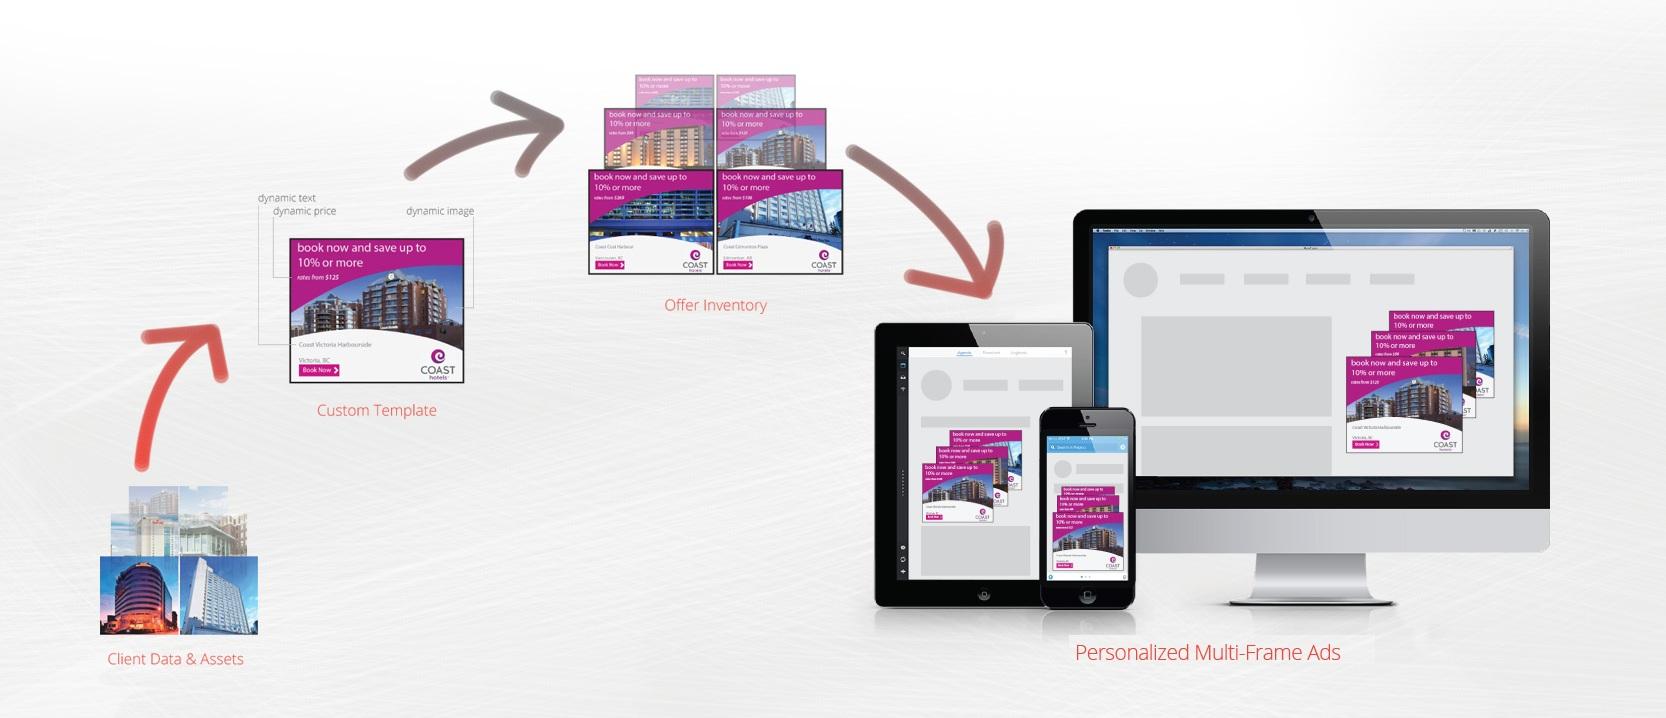 Dinamik Görüntülü Reklamlar Nasıl Oluşturulur?